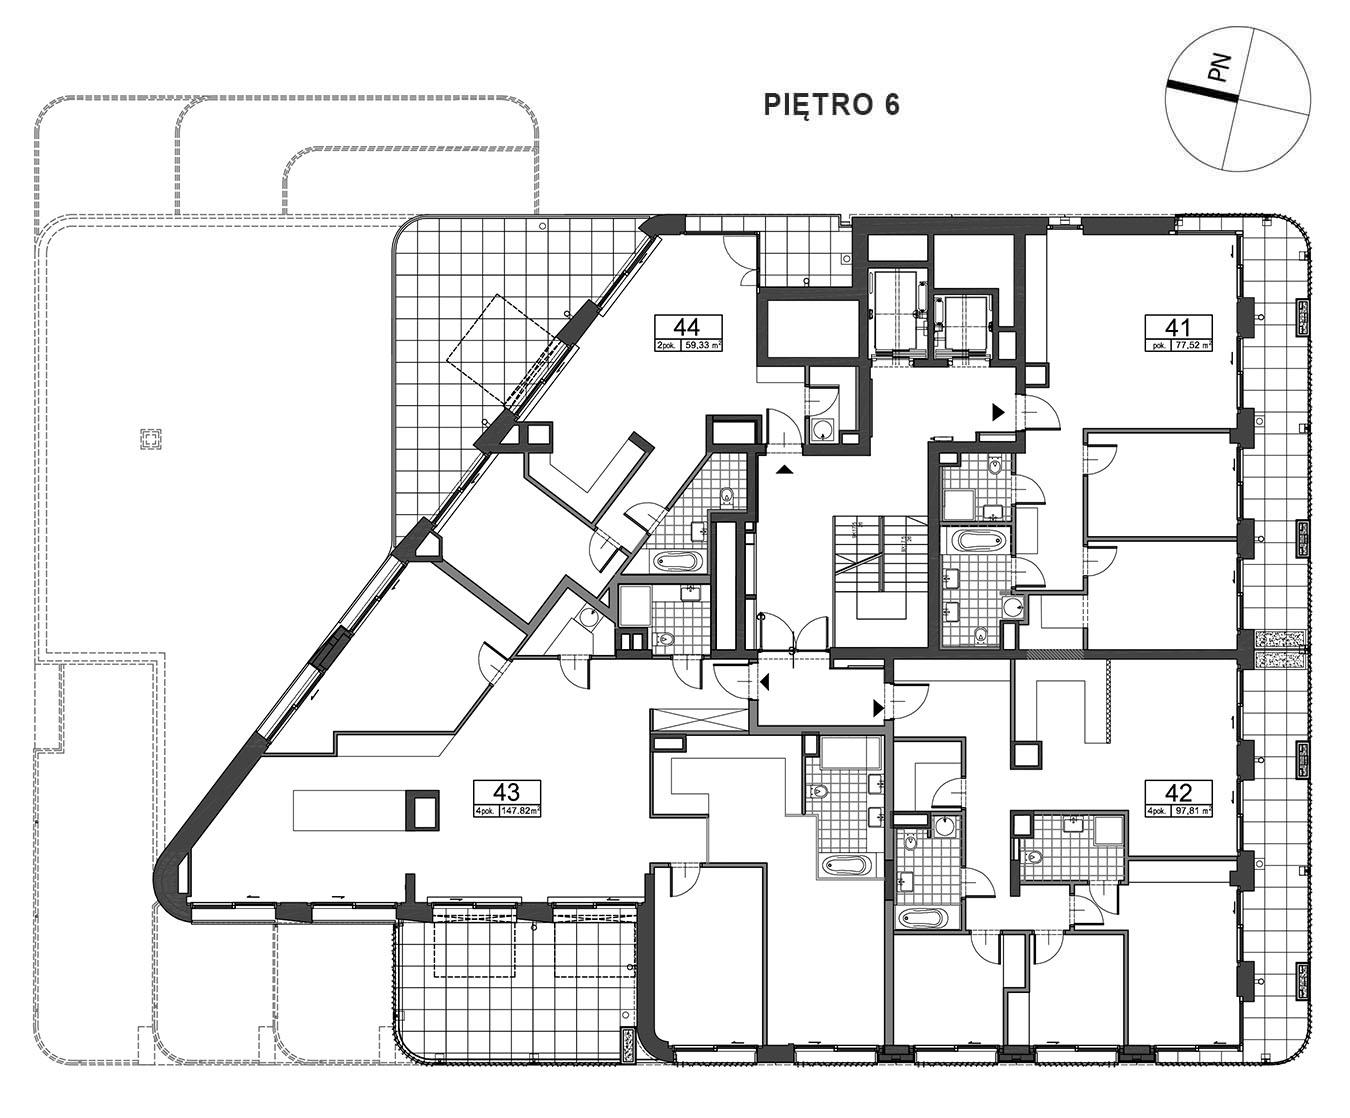 Górnośląska 6 - Piętro 6